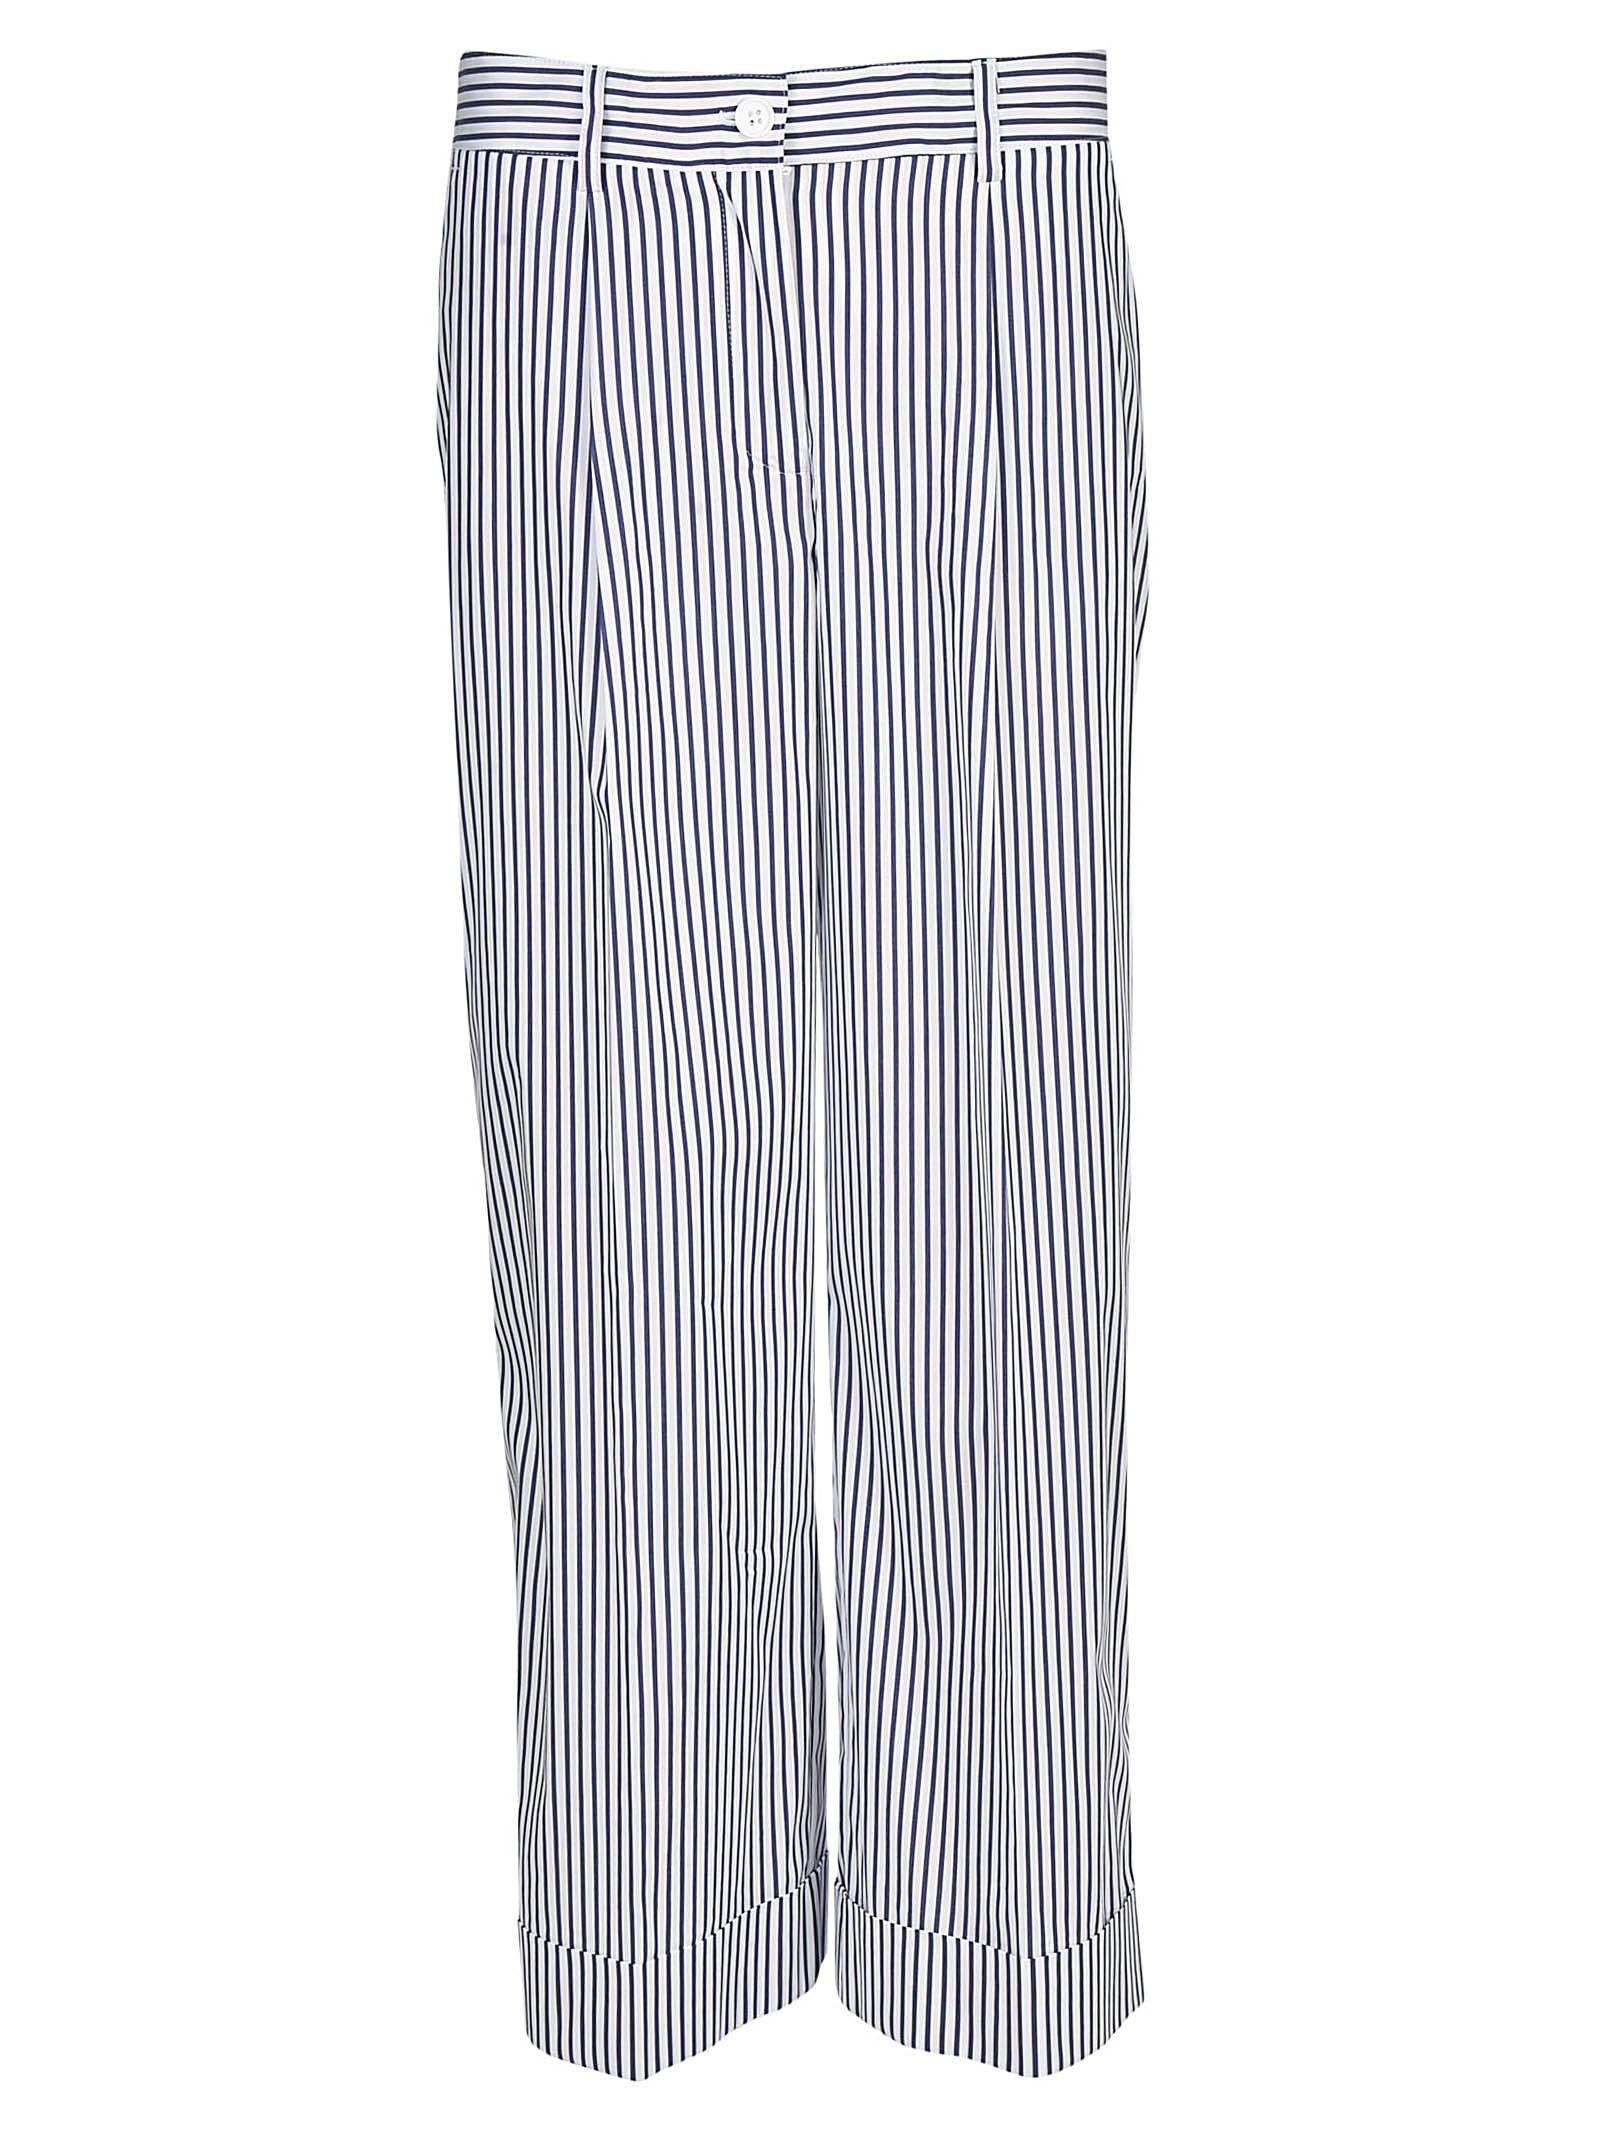 Parosh Striped Long Trousers